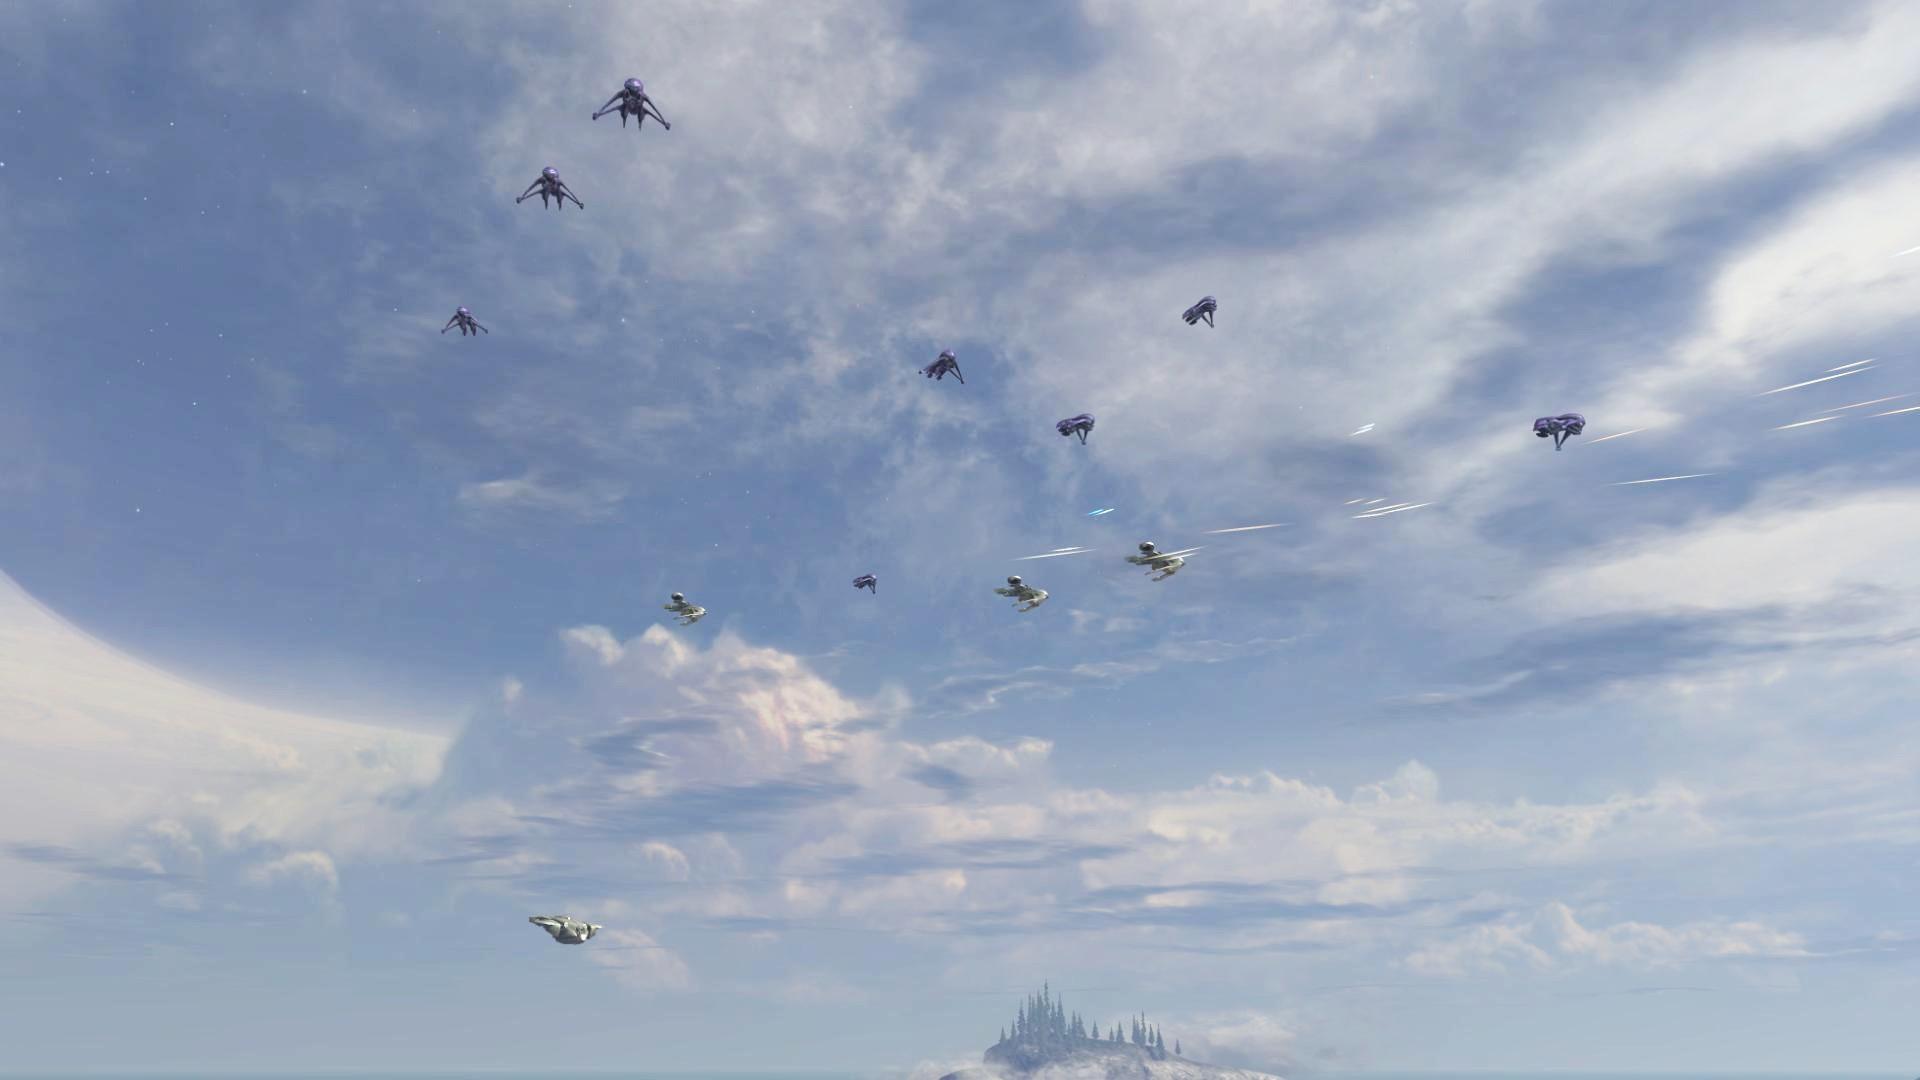 1523549592 a7ed9a3ba5 o Halo 3: Sky Troops (Things to come)